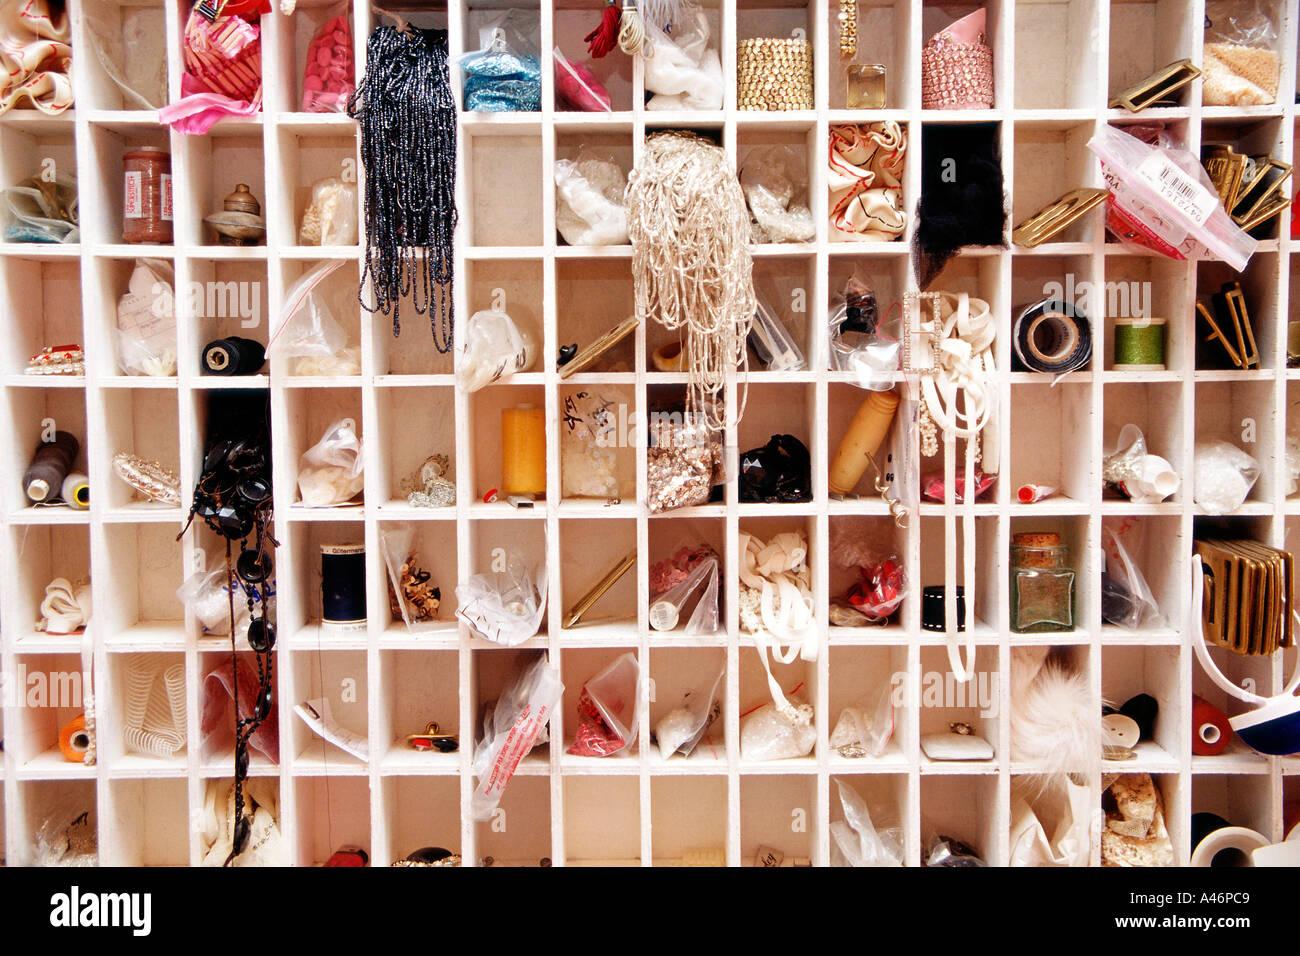 Haberdashery items on shelf - Stock Image